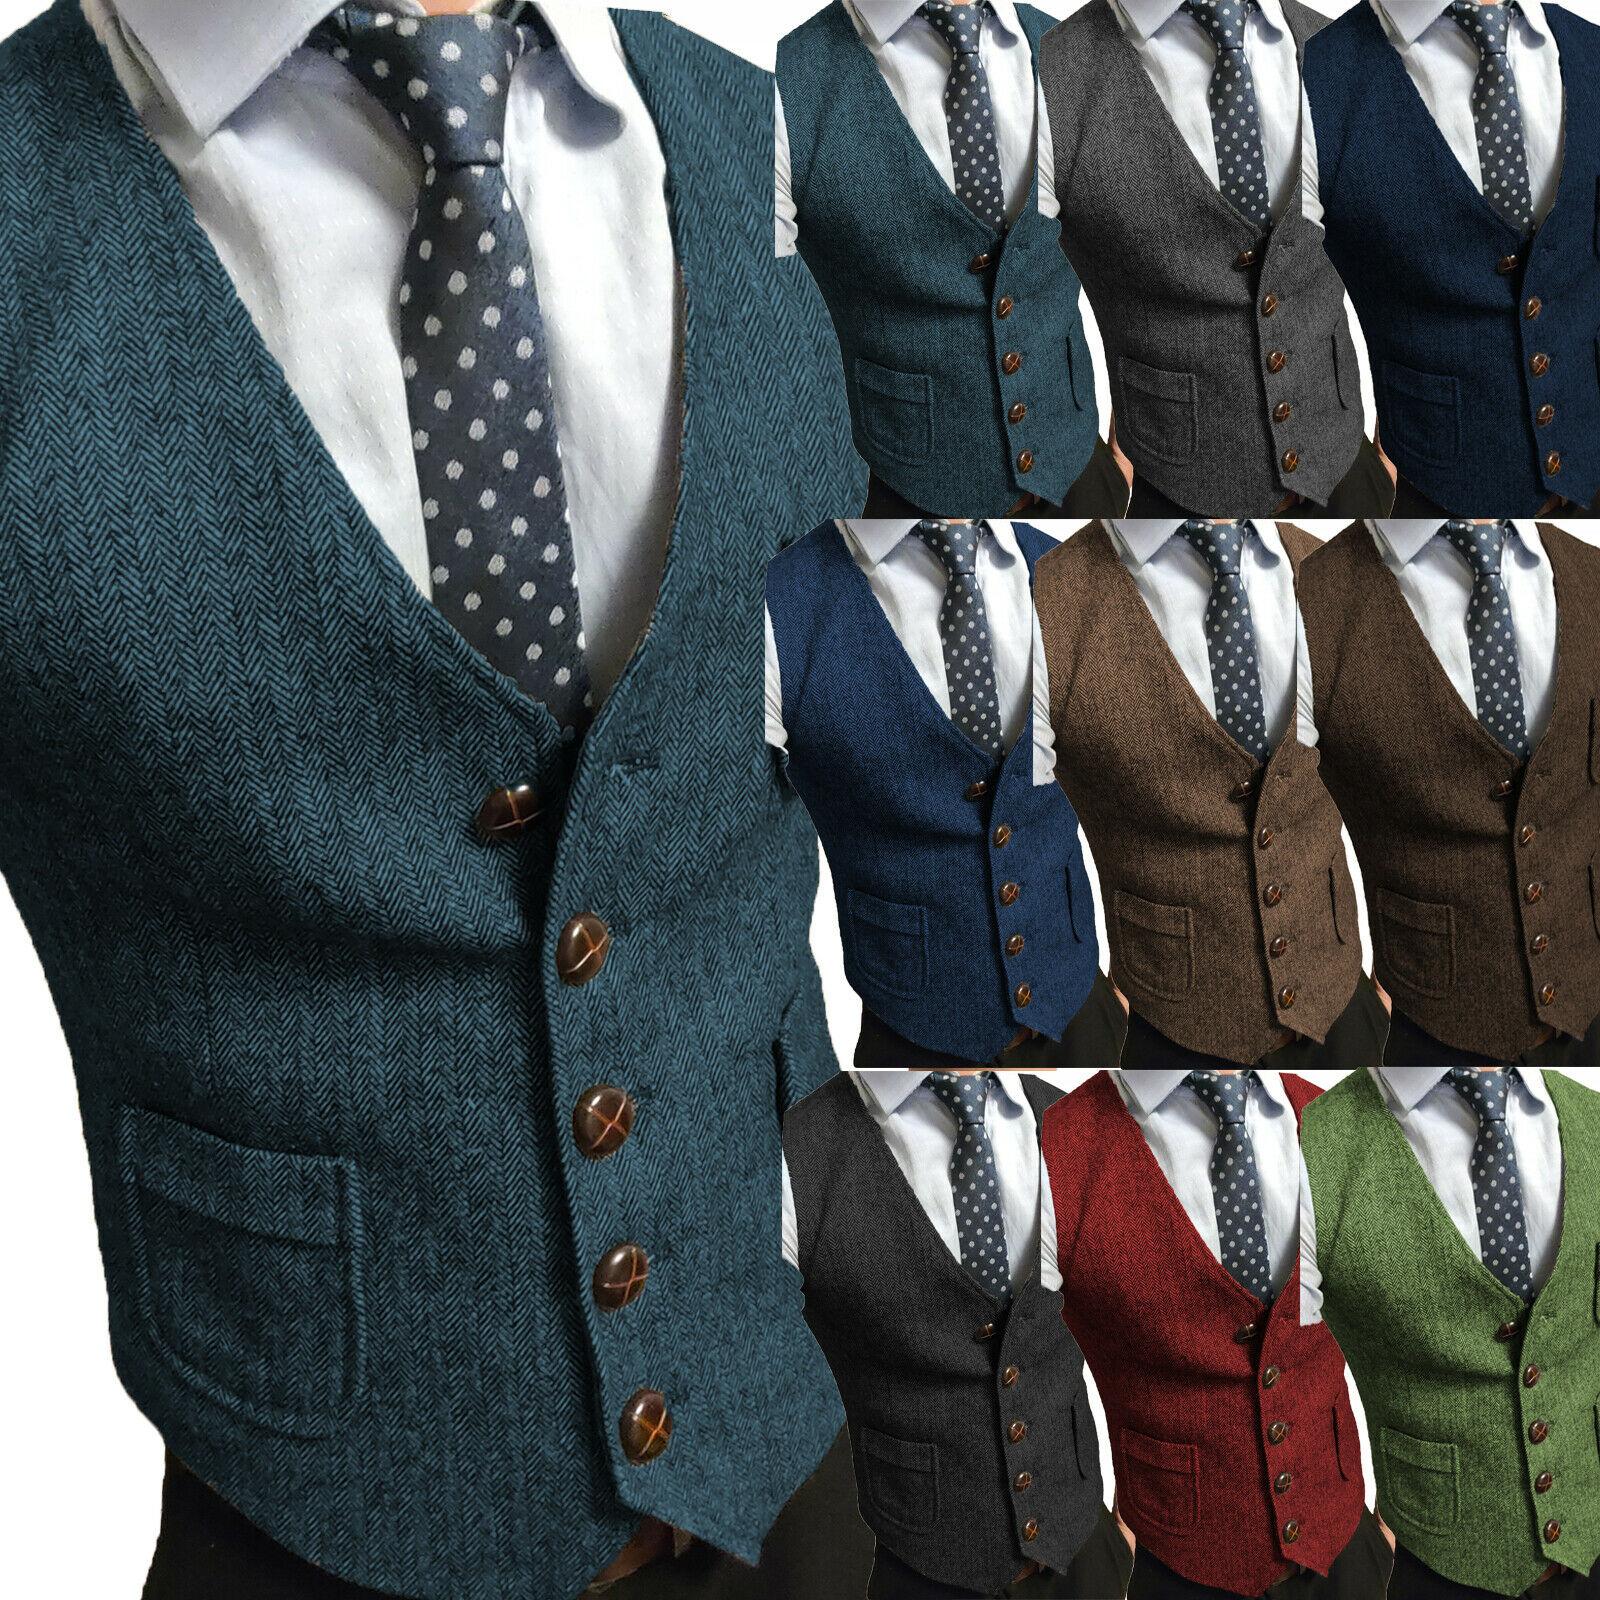 Мужской костюм жилет в елочку жилет для шафера Тонкий деловой жилет без рукавов в стиле стимпанк шерстяной теплый жилет